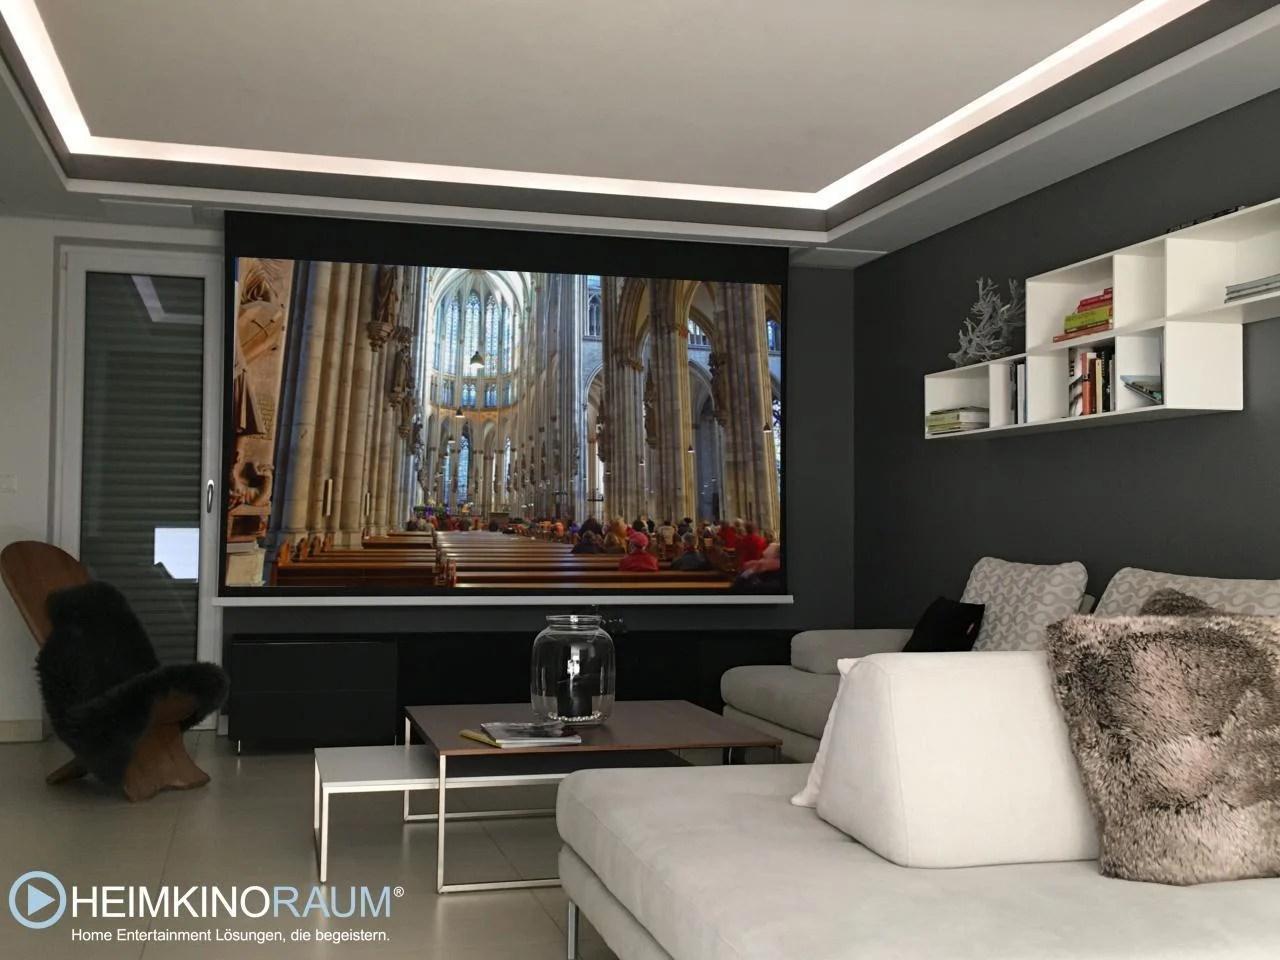 wohnzimmer dunkle decke samt couch luxus wohnzimmer dunkle couch stock schlafsofa ideen. Black Bedroom Furniture Sets. Home Design Ideas